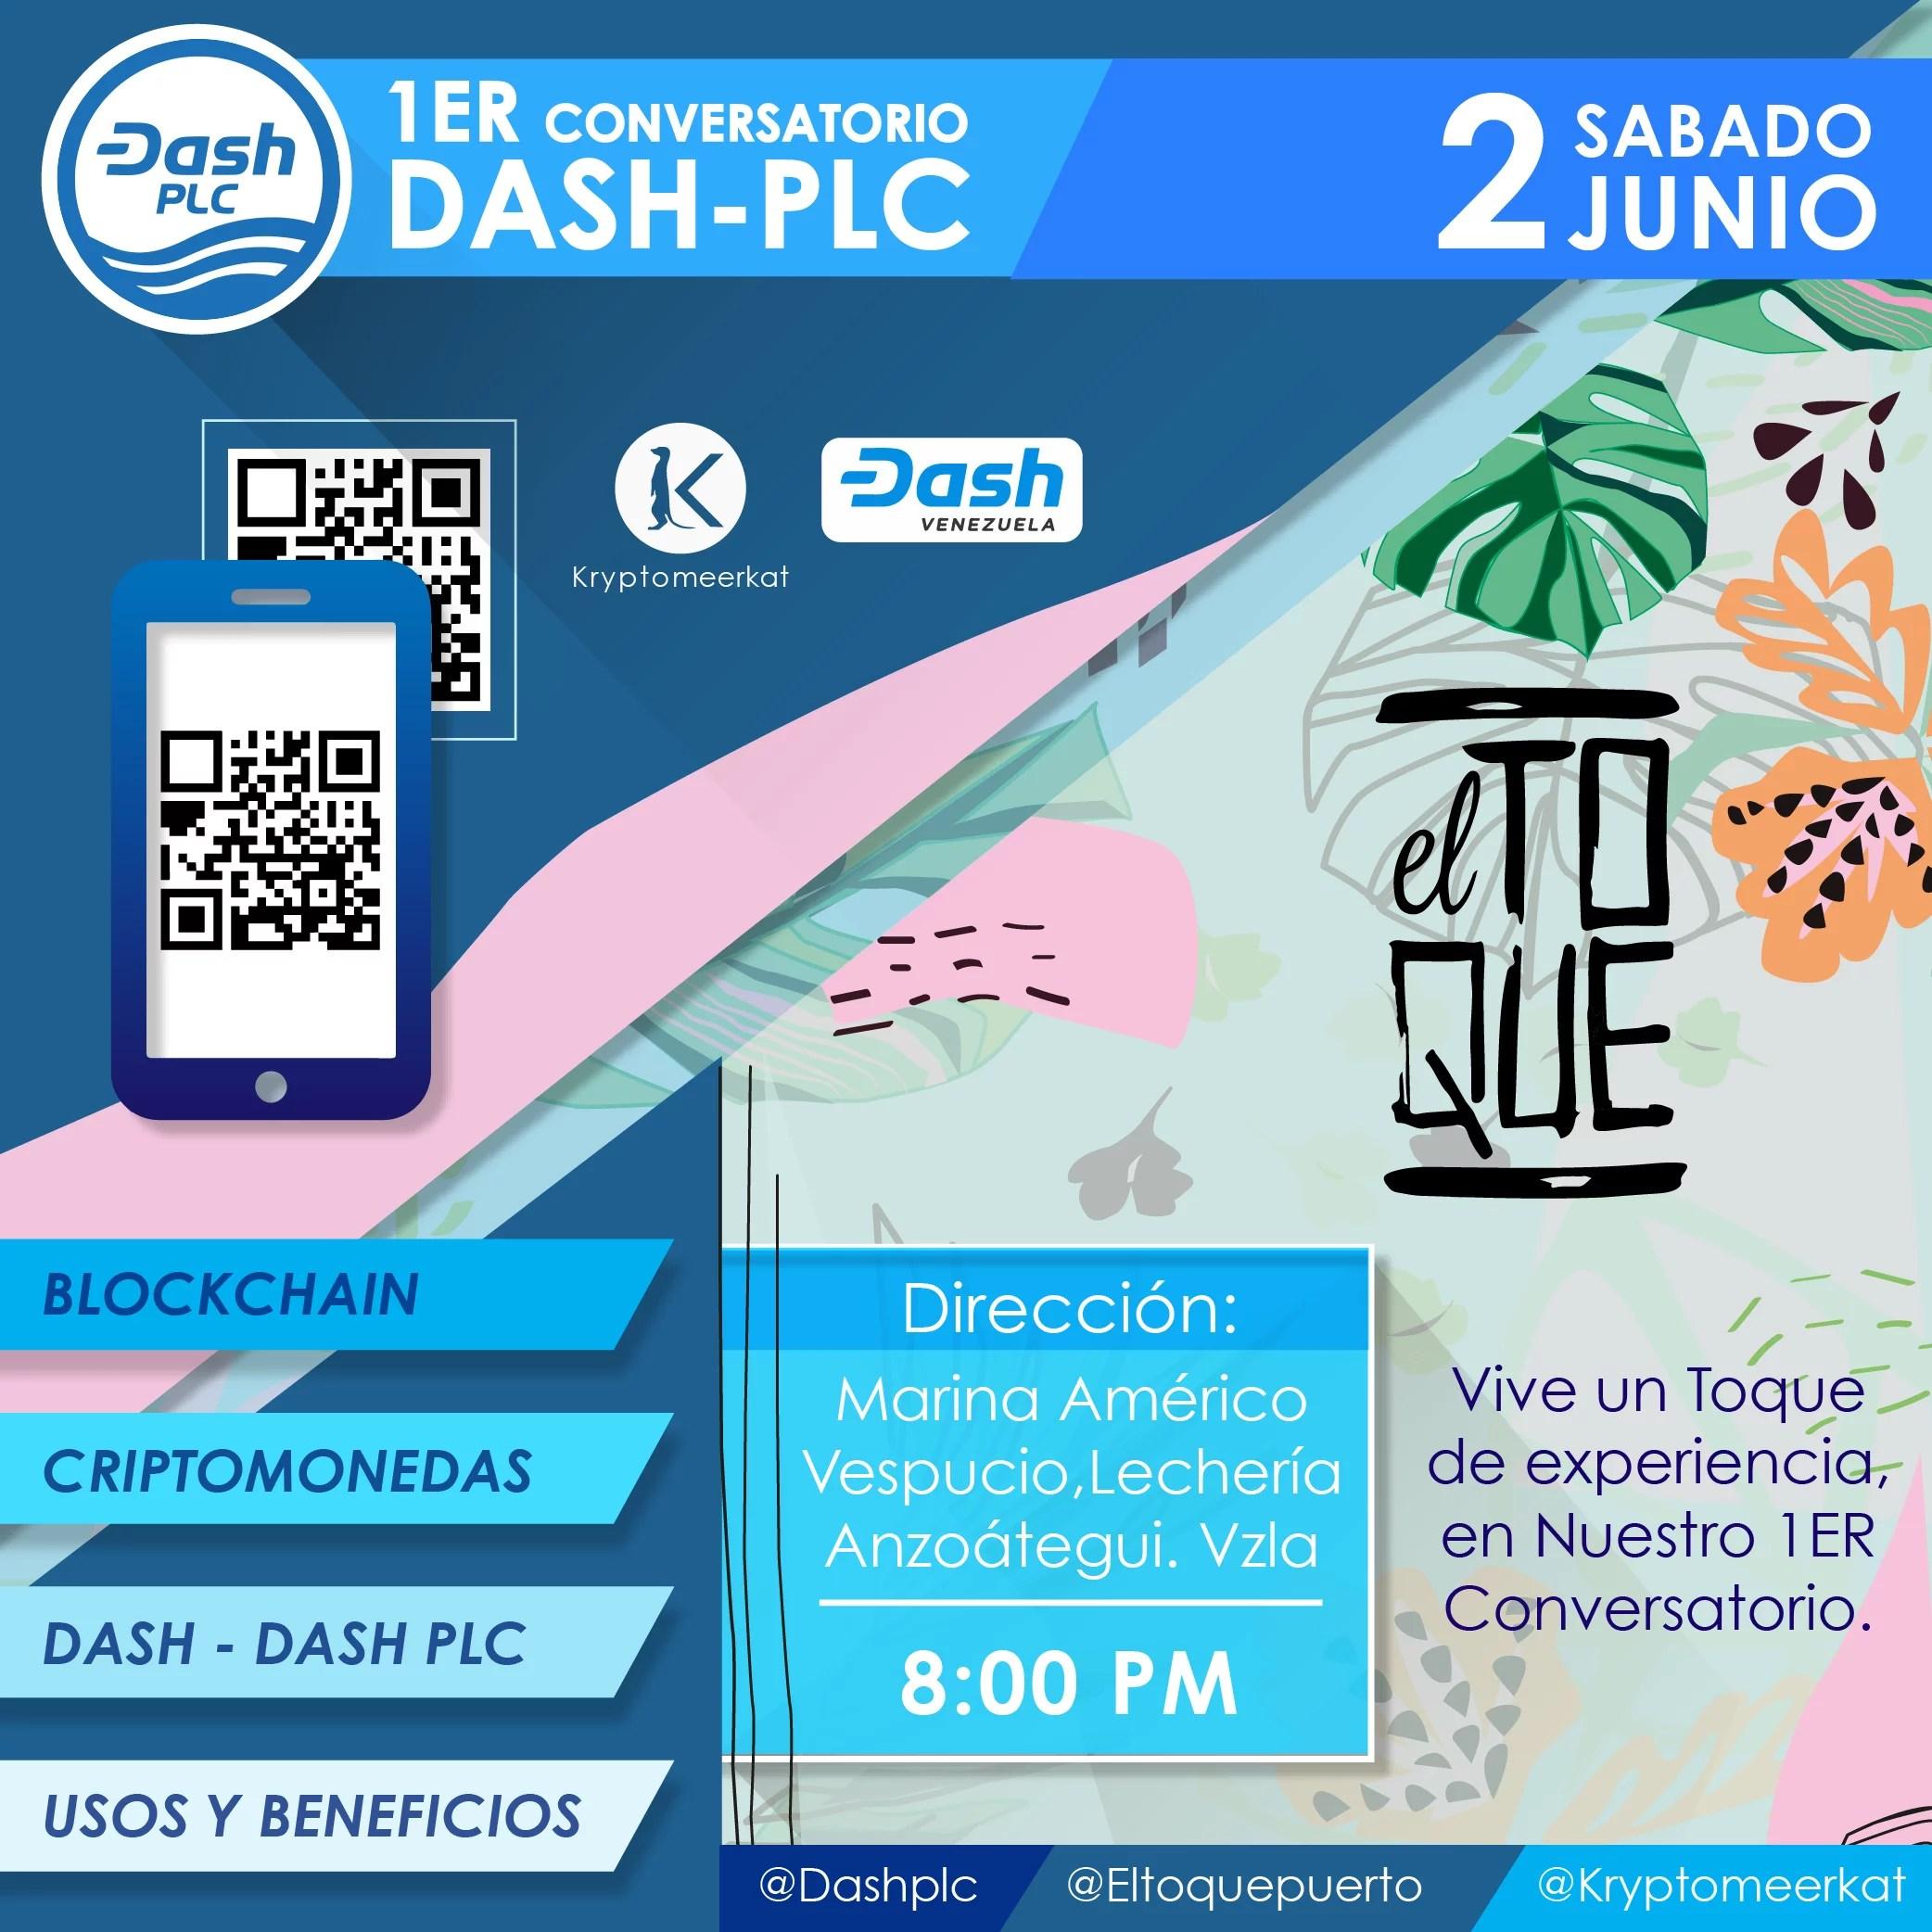 Dash PLC comienza el mes de junio con su 1er conversatorio